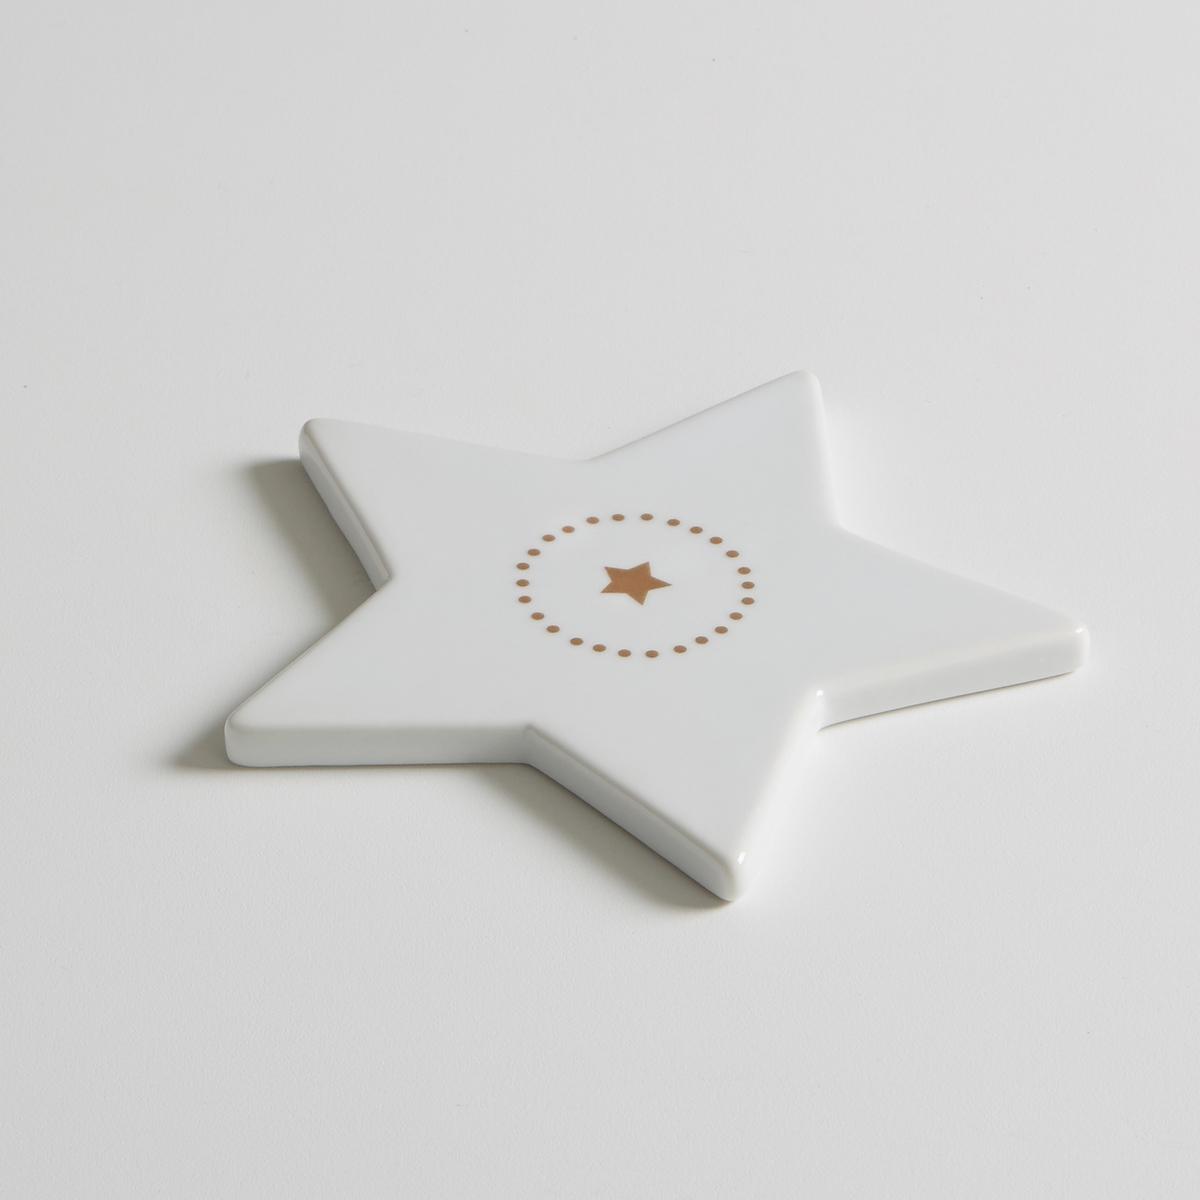 4 подстаканника из фарфора, KublerХарактеристики 4 подстаканников Kubler :- Подстаканник из фарфора  - Размеры : 12 x 12 см   - Высота : 1 см.- Использование в посудомоечной машине и микроволновой печи запрещено- В комплекте 4 бокалаНайдите комплект посуды из фарфора Kubler на нашем сайте laredoute.ru .<br><br>Цвет: белый